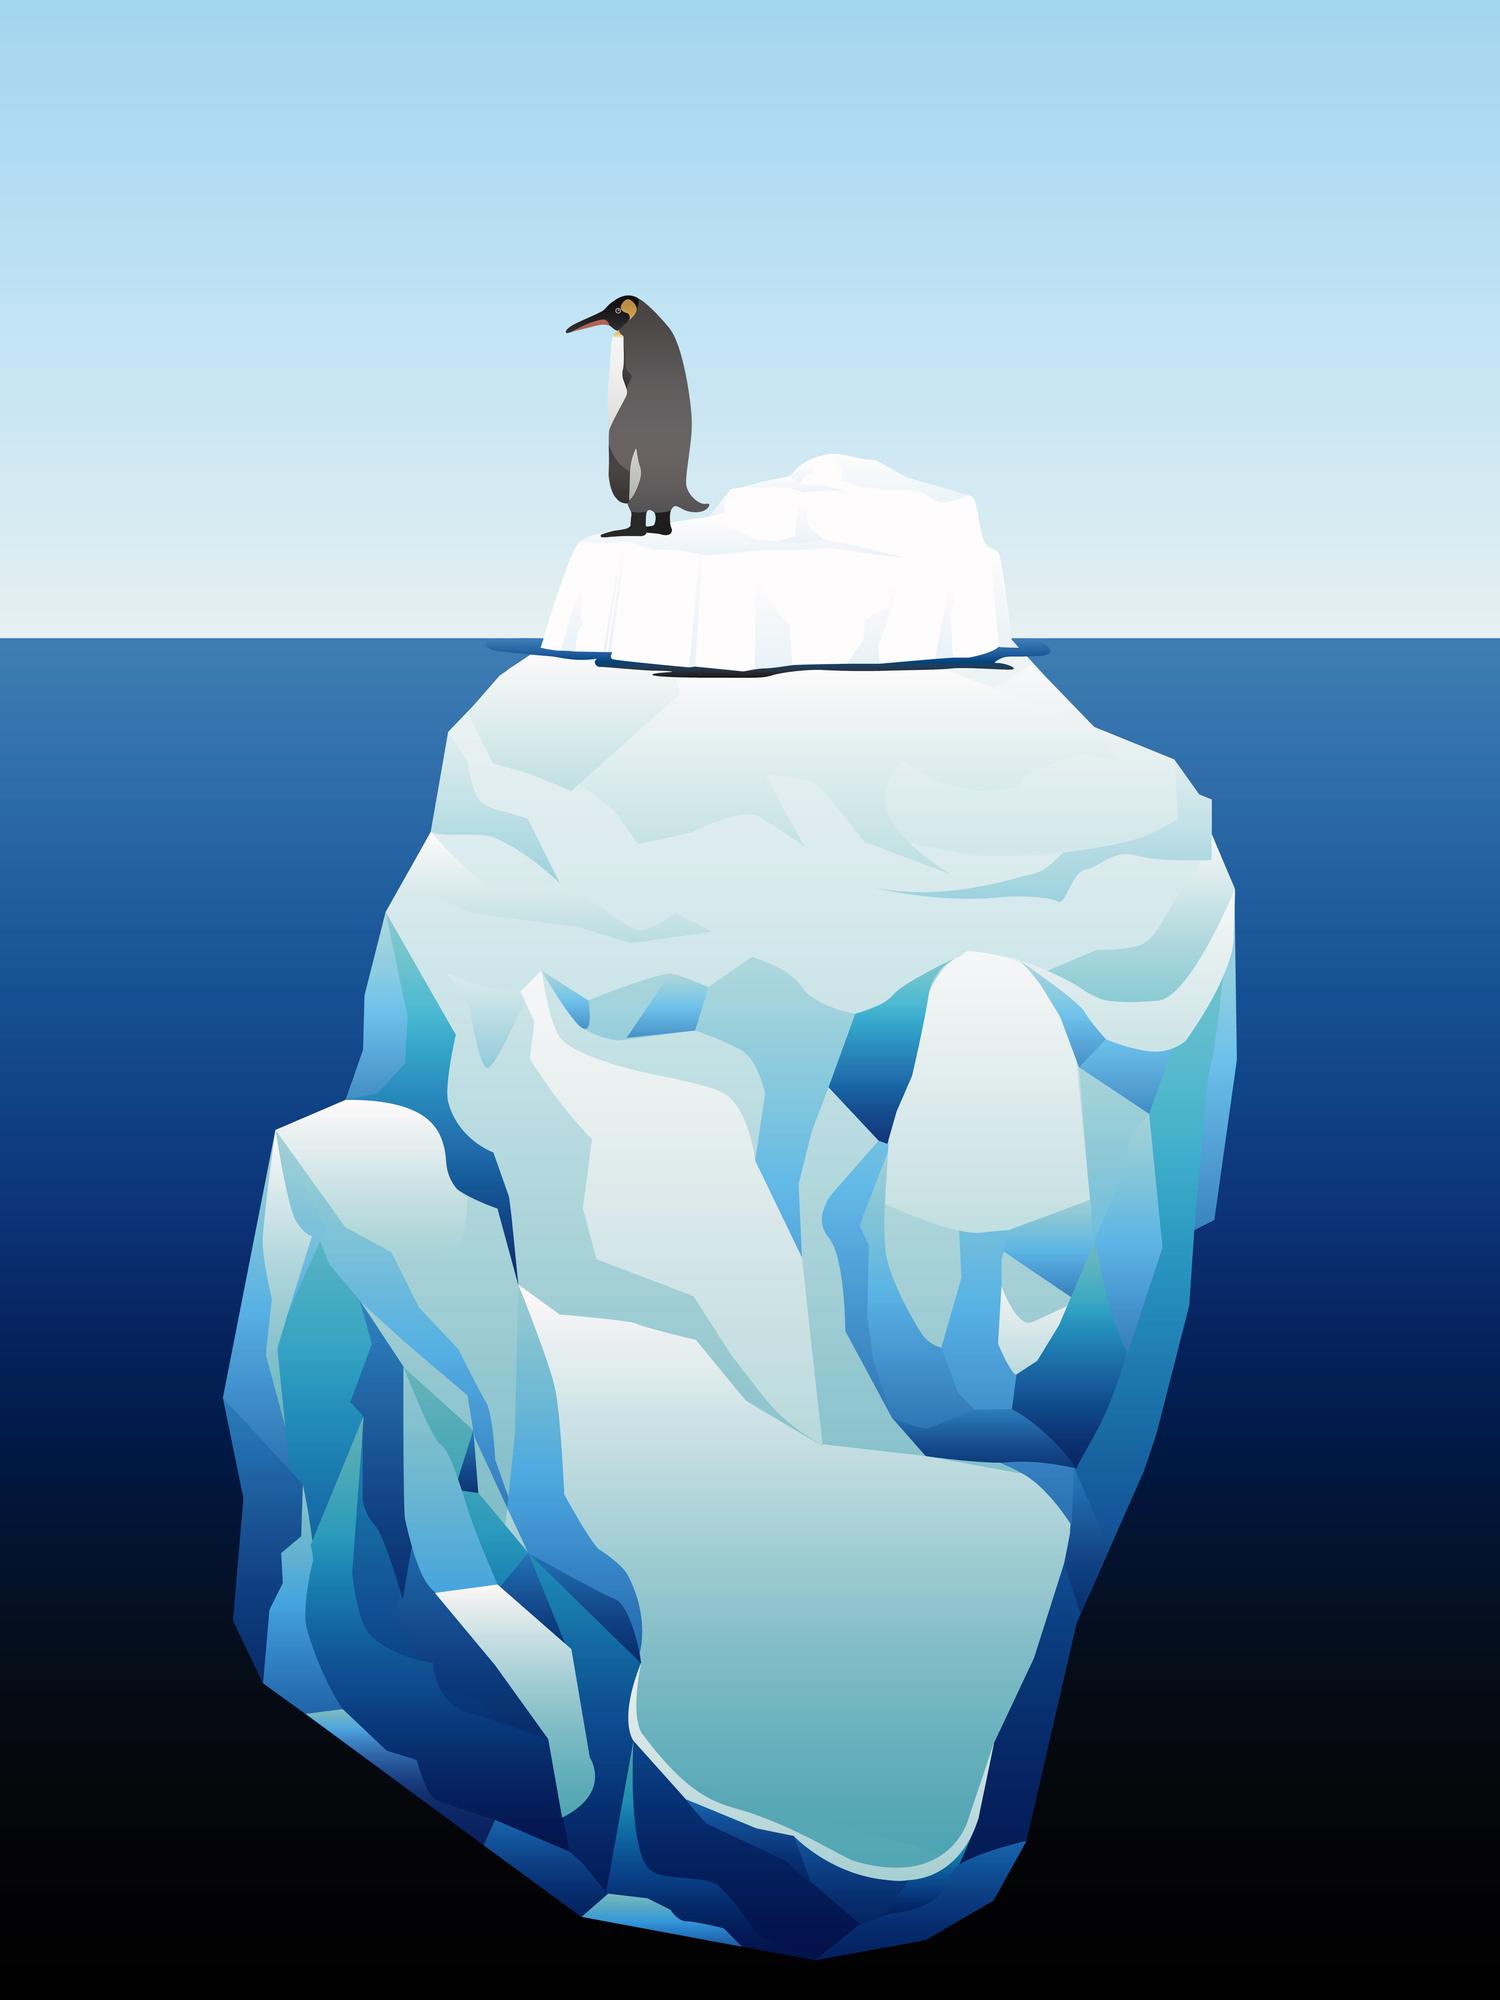 氷山の一角?安倍政権が終わったら我が身も危ない人たちがいる社会って!?